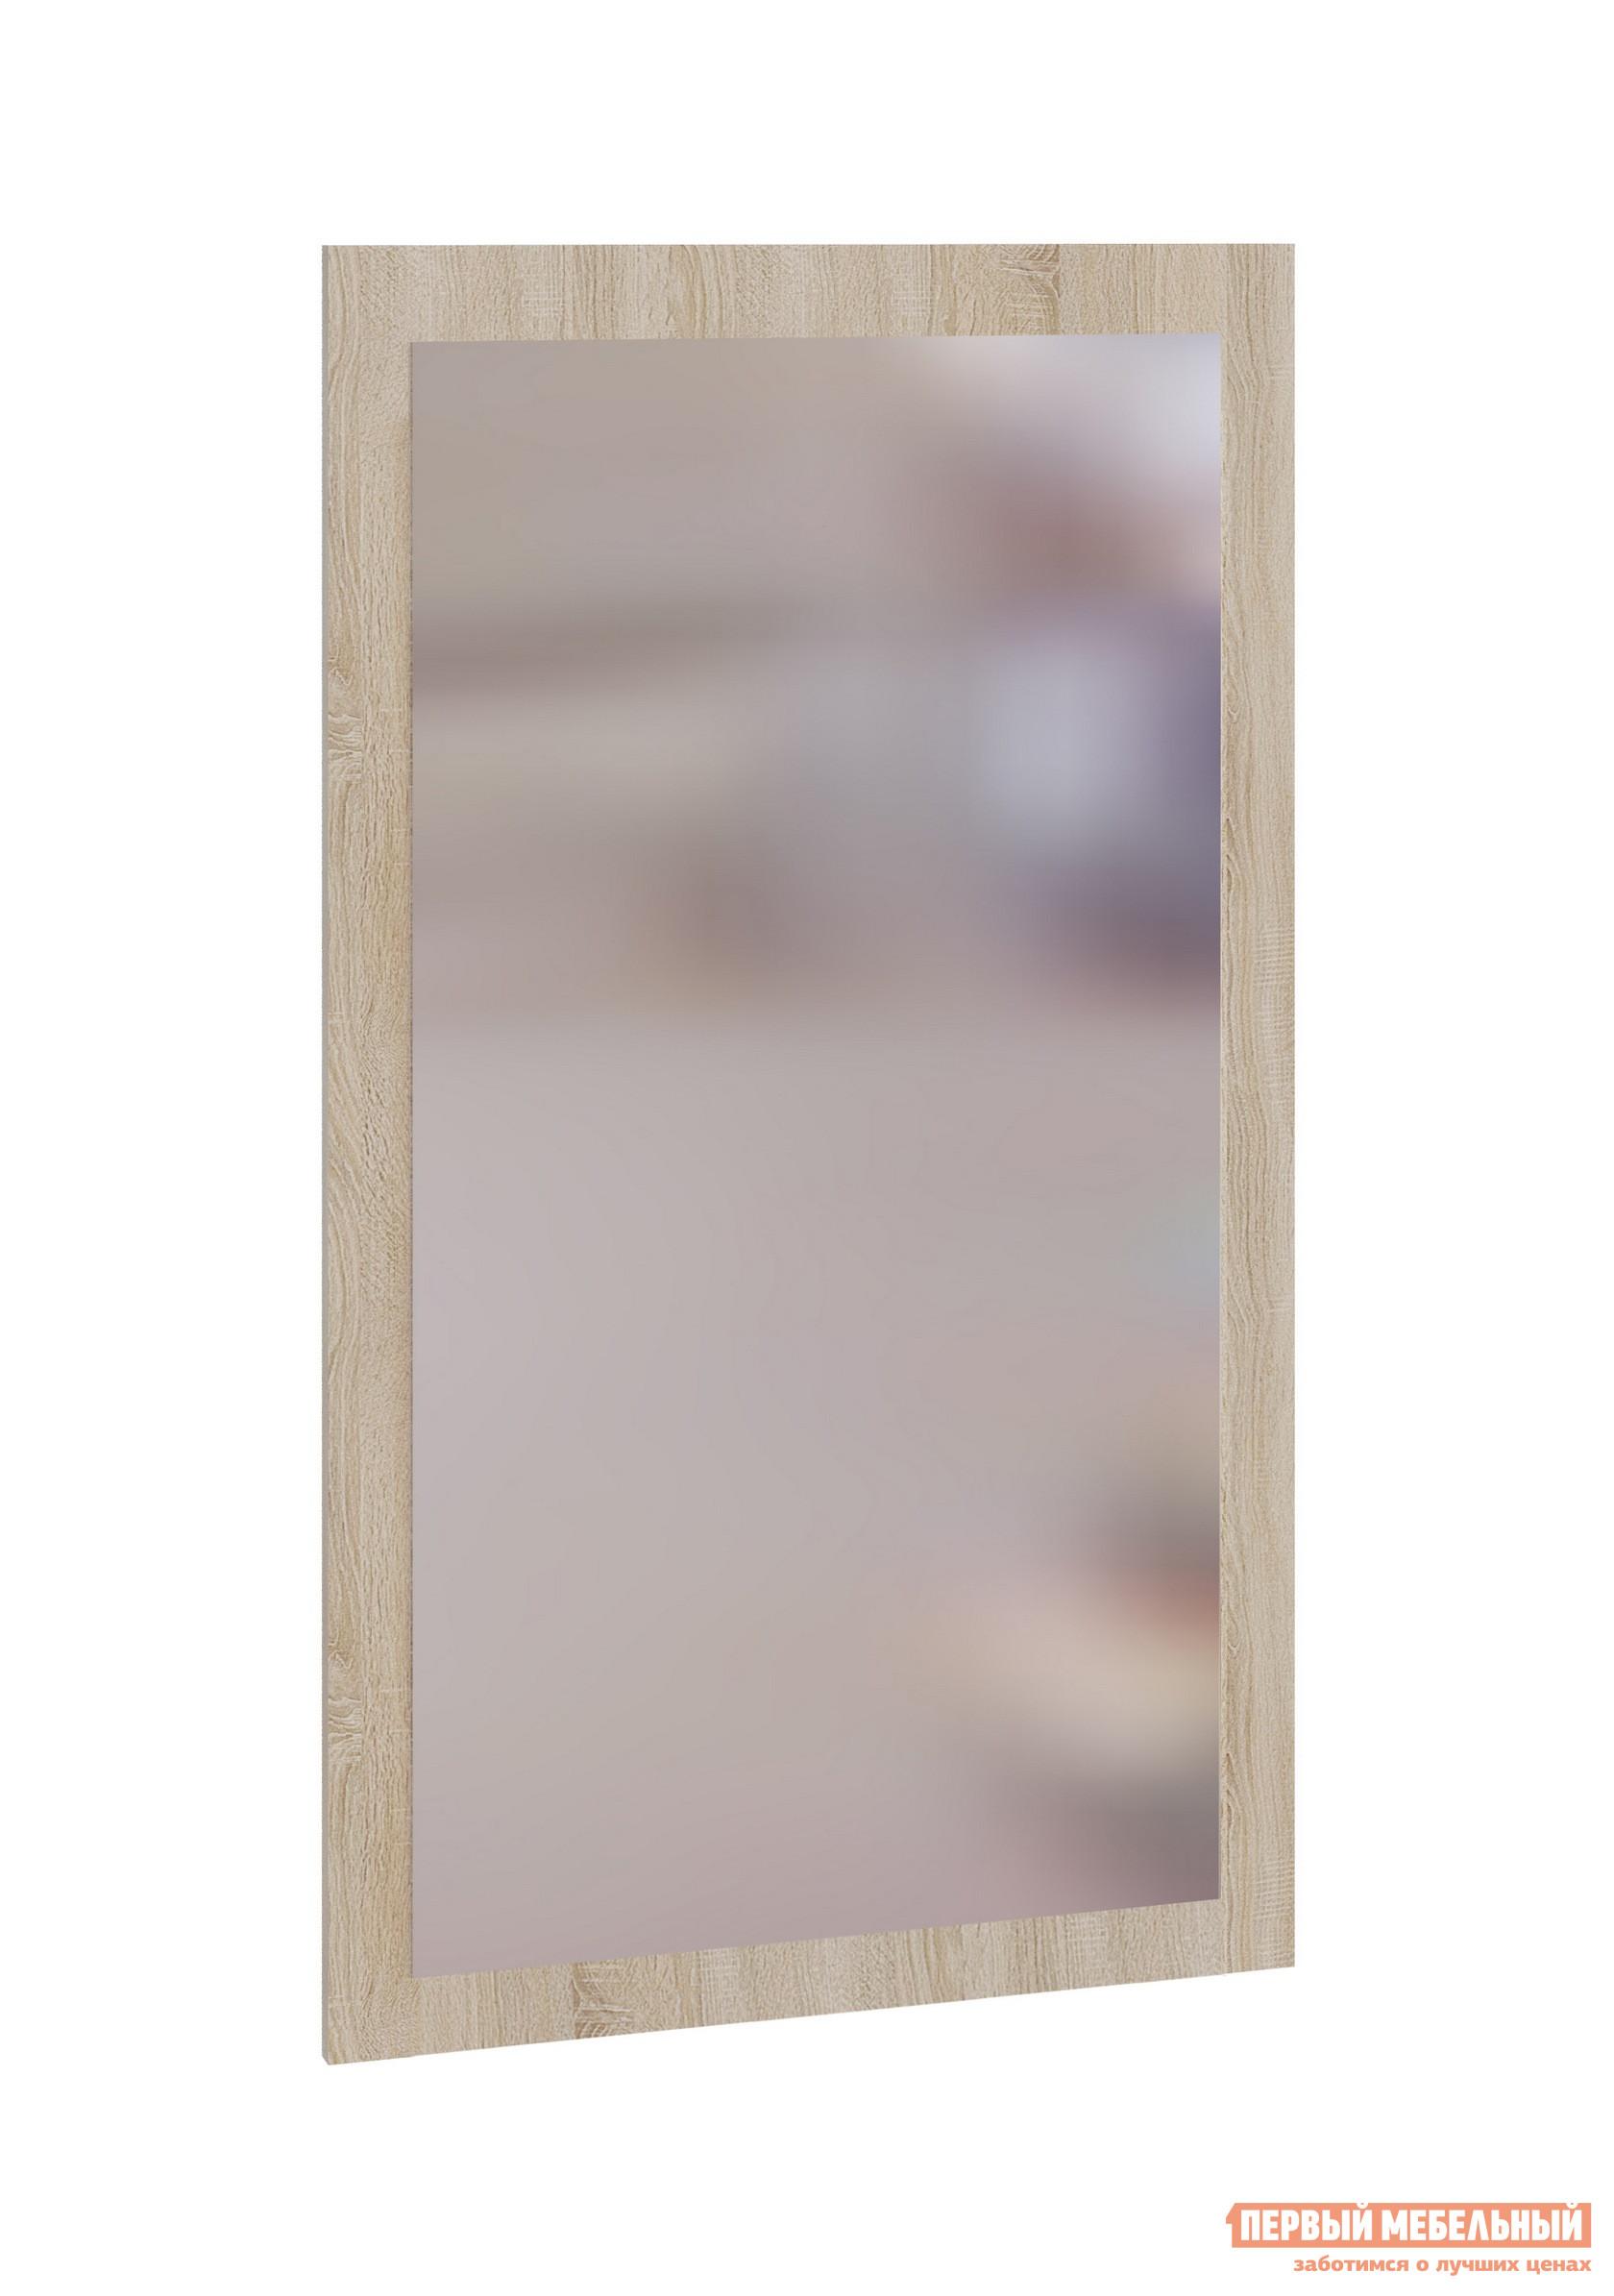 Настенное зеркало Сокол ПЗ-3 Дуб сономаНастенные зеркала<br>Габаритные размеры ВхШхГ 1044x600x мм. Классическое навесное зеркало дополнит любой интерьер. Преобразите вашу комнату благодаря одной детали – зеркало визуально расширит пространство и, благодаря большому выбору оттенков рамы, идеально подойдет к вашей мебели. Изделие выполнено из ЛДСП высокого качества.   Рекомендуем сохранить инструкцию по сборке (паспорт изделия) до истечения гарантийного срока.<br><br>Цвет: Дуб сонома<br>Цвет: Светлое дерево<br>Высота мм: 1044<br>Ширина мм: 600<br>Кол-во упаковок: 1<br>Форма поставки: В собранном виде<br>Срок гарантии: 2 года<br>Тип: Простые<br>Назначение: Для спальни, В прихожую<br>Материал: Деревянные, из ЛДСП<br>Форма: Прямоугольные<br>Подсветка: Без подсветки<br>Тип рамы: В раме